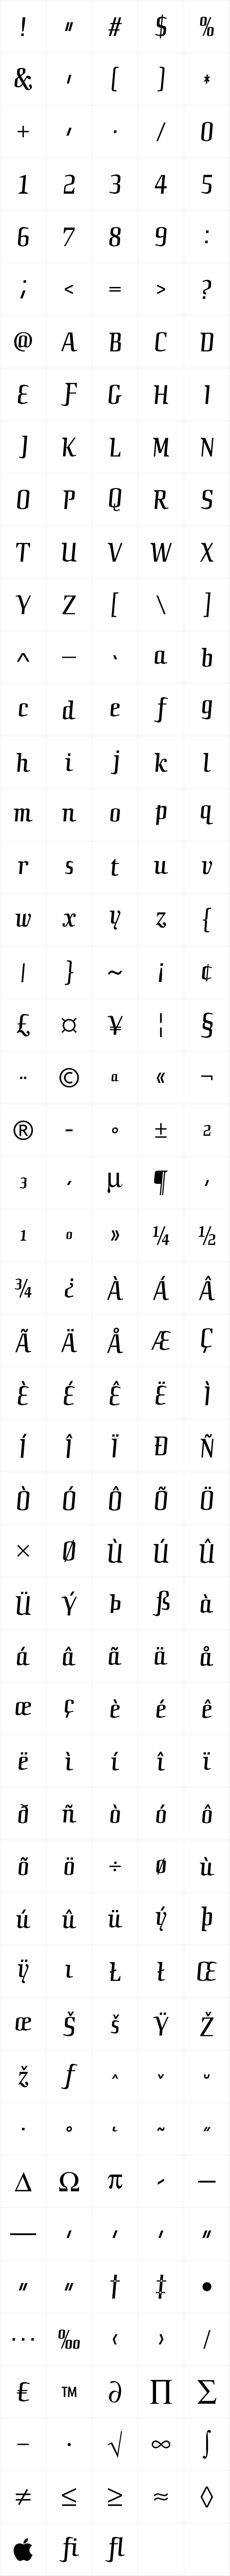 Spidercave TT Italic